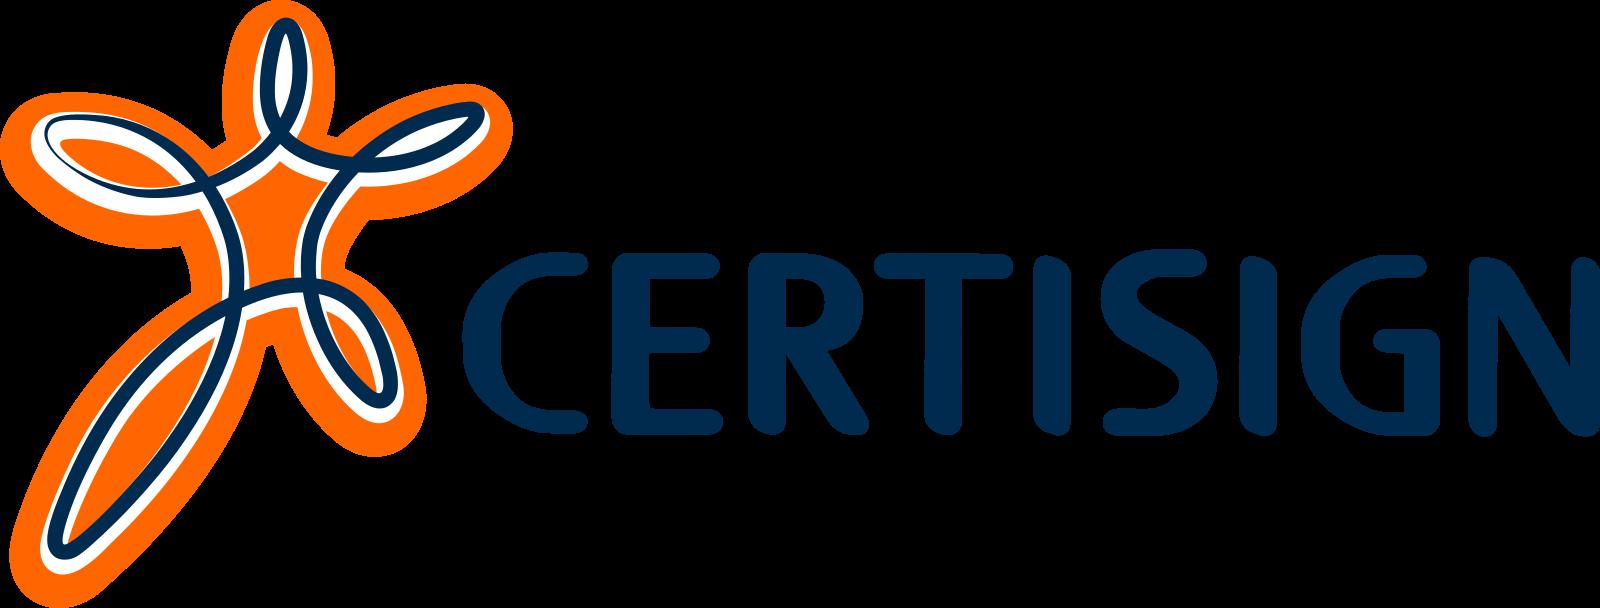 certisign-logo-4